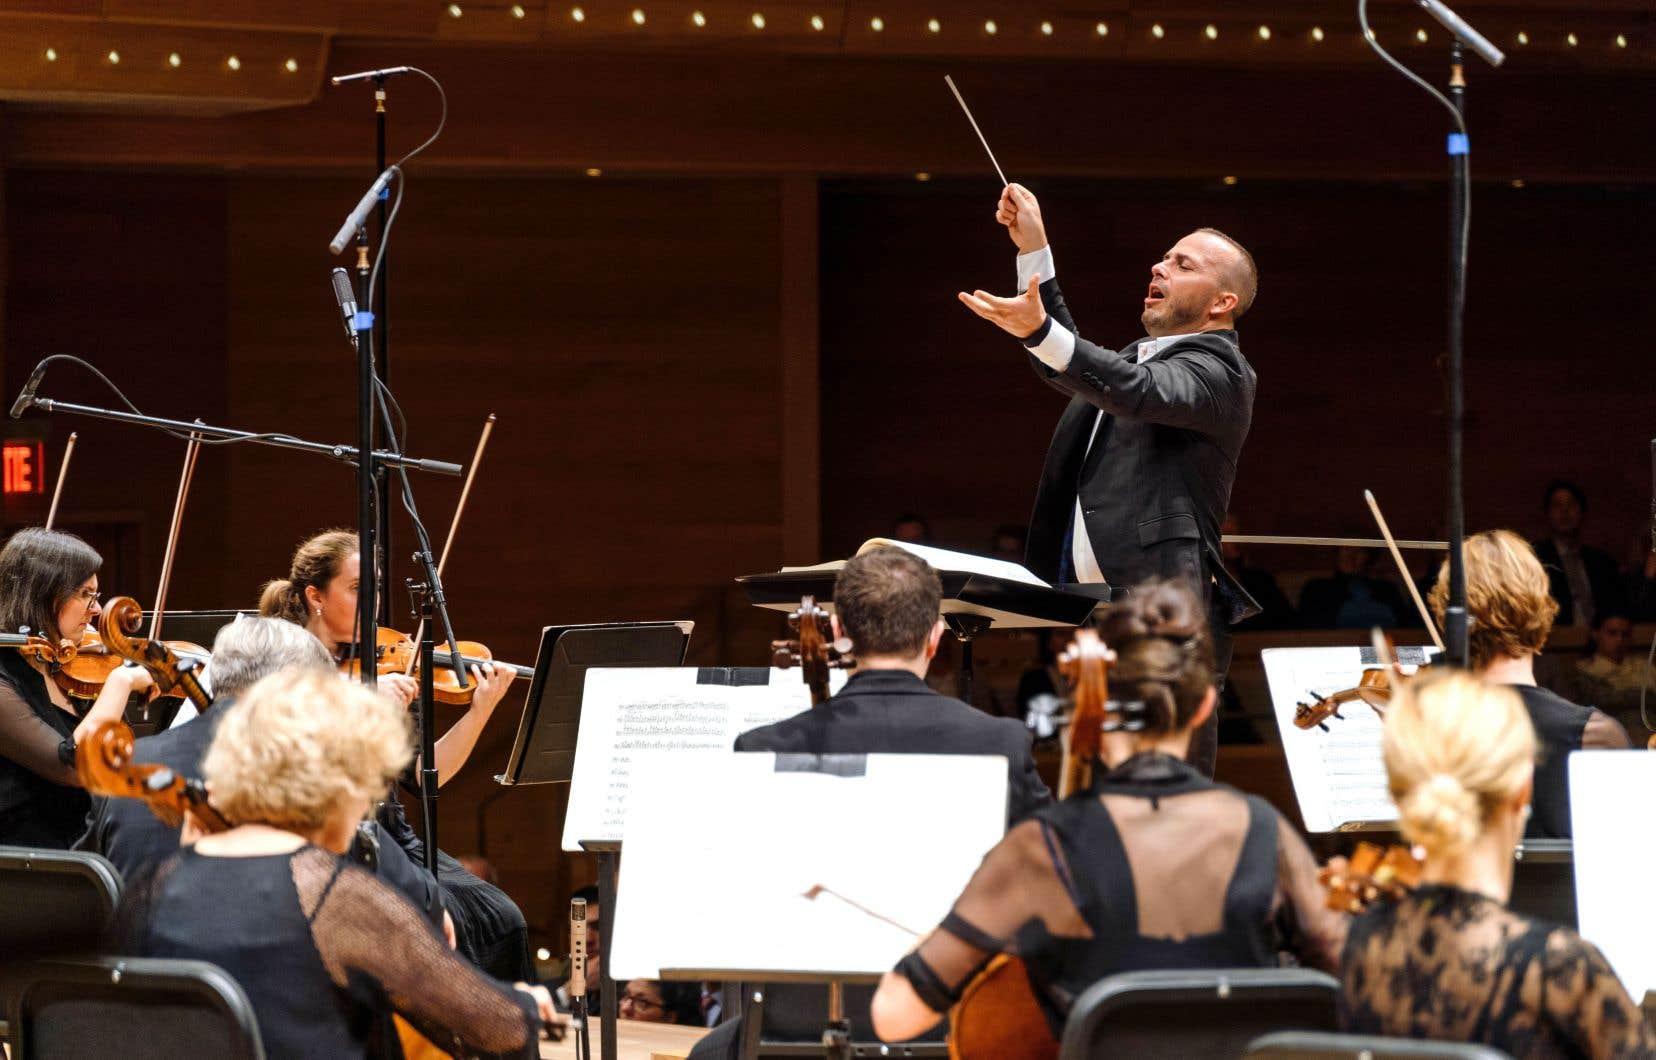 En dirigeant Bruckner, de la musique sacrée sans paroles, le chef Yannick Nézet-Séguin peut assouvir à la fois sa passion pour la musique symphonique et ses élans mystiques.